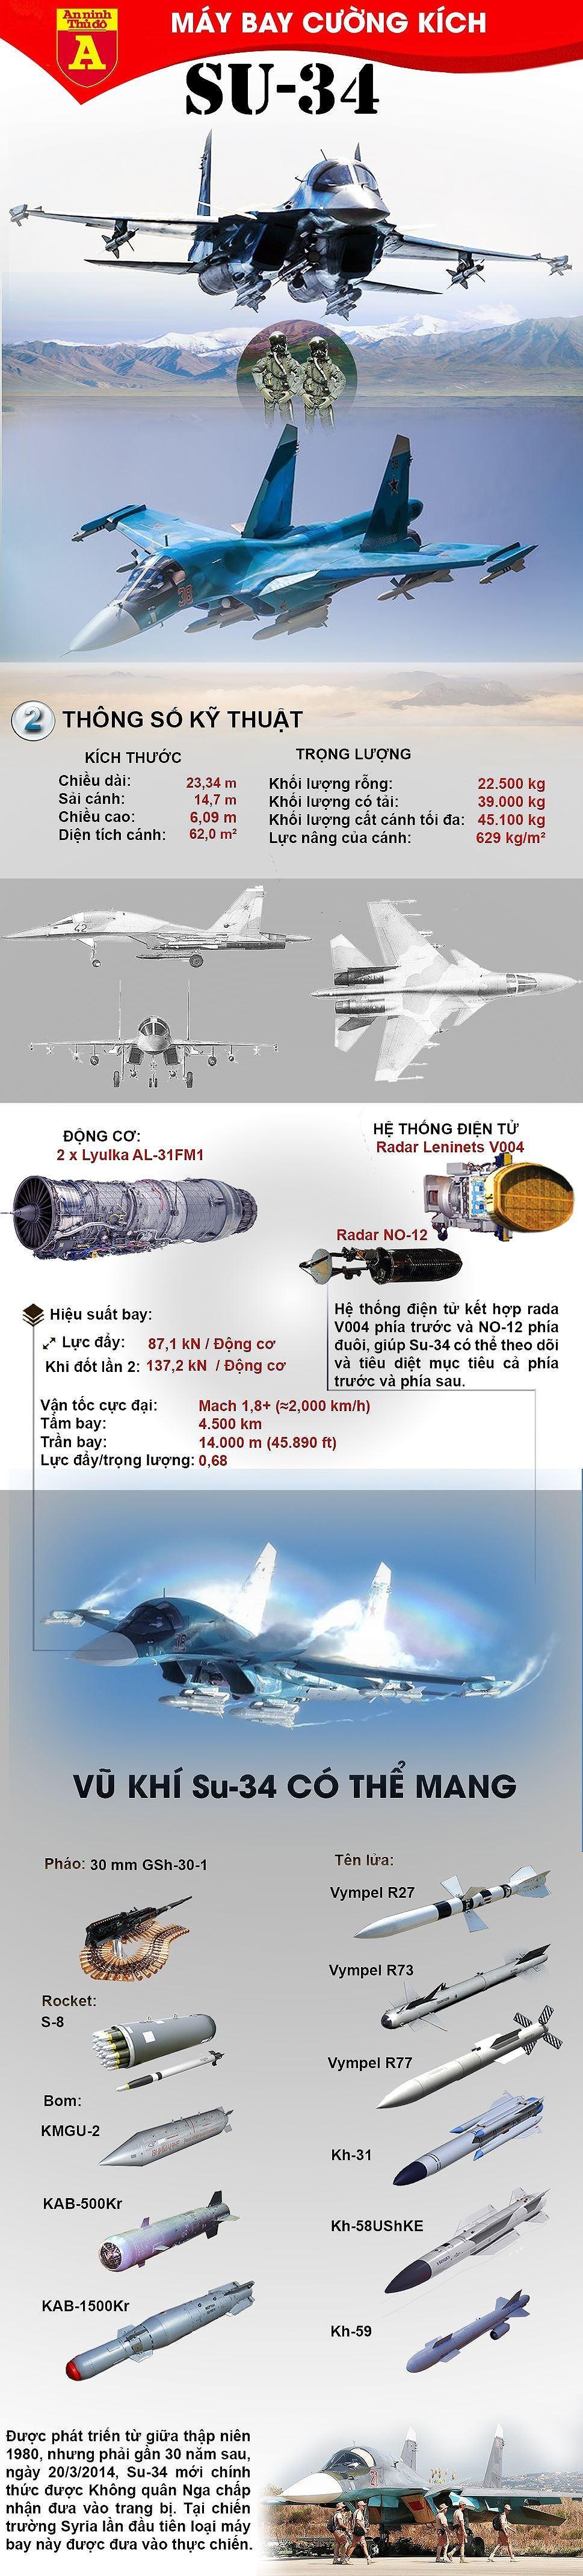 """[ĐỒ HỌA] """"Xe tăng bay"""" Su-34 vụt trở thành """"ngôi sao"""" tại chiến địa Syria ảnh 3"""